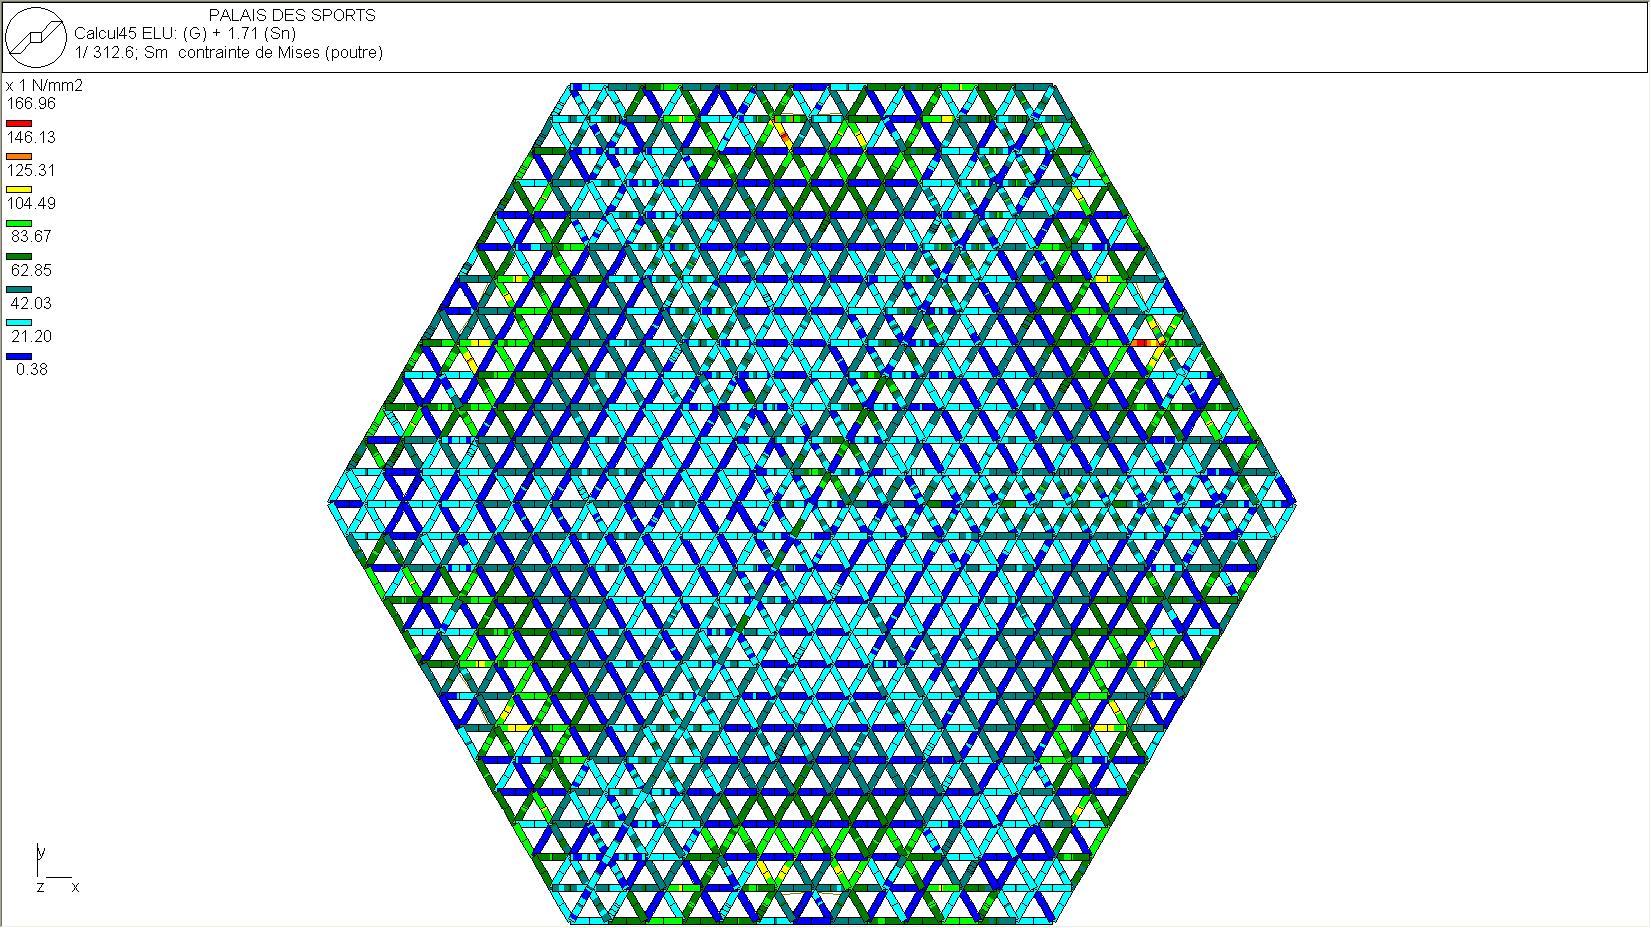 contraintes dans les diagonales entre les nappes inférieures et supérieures